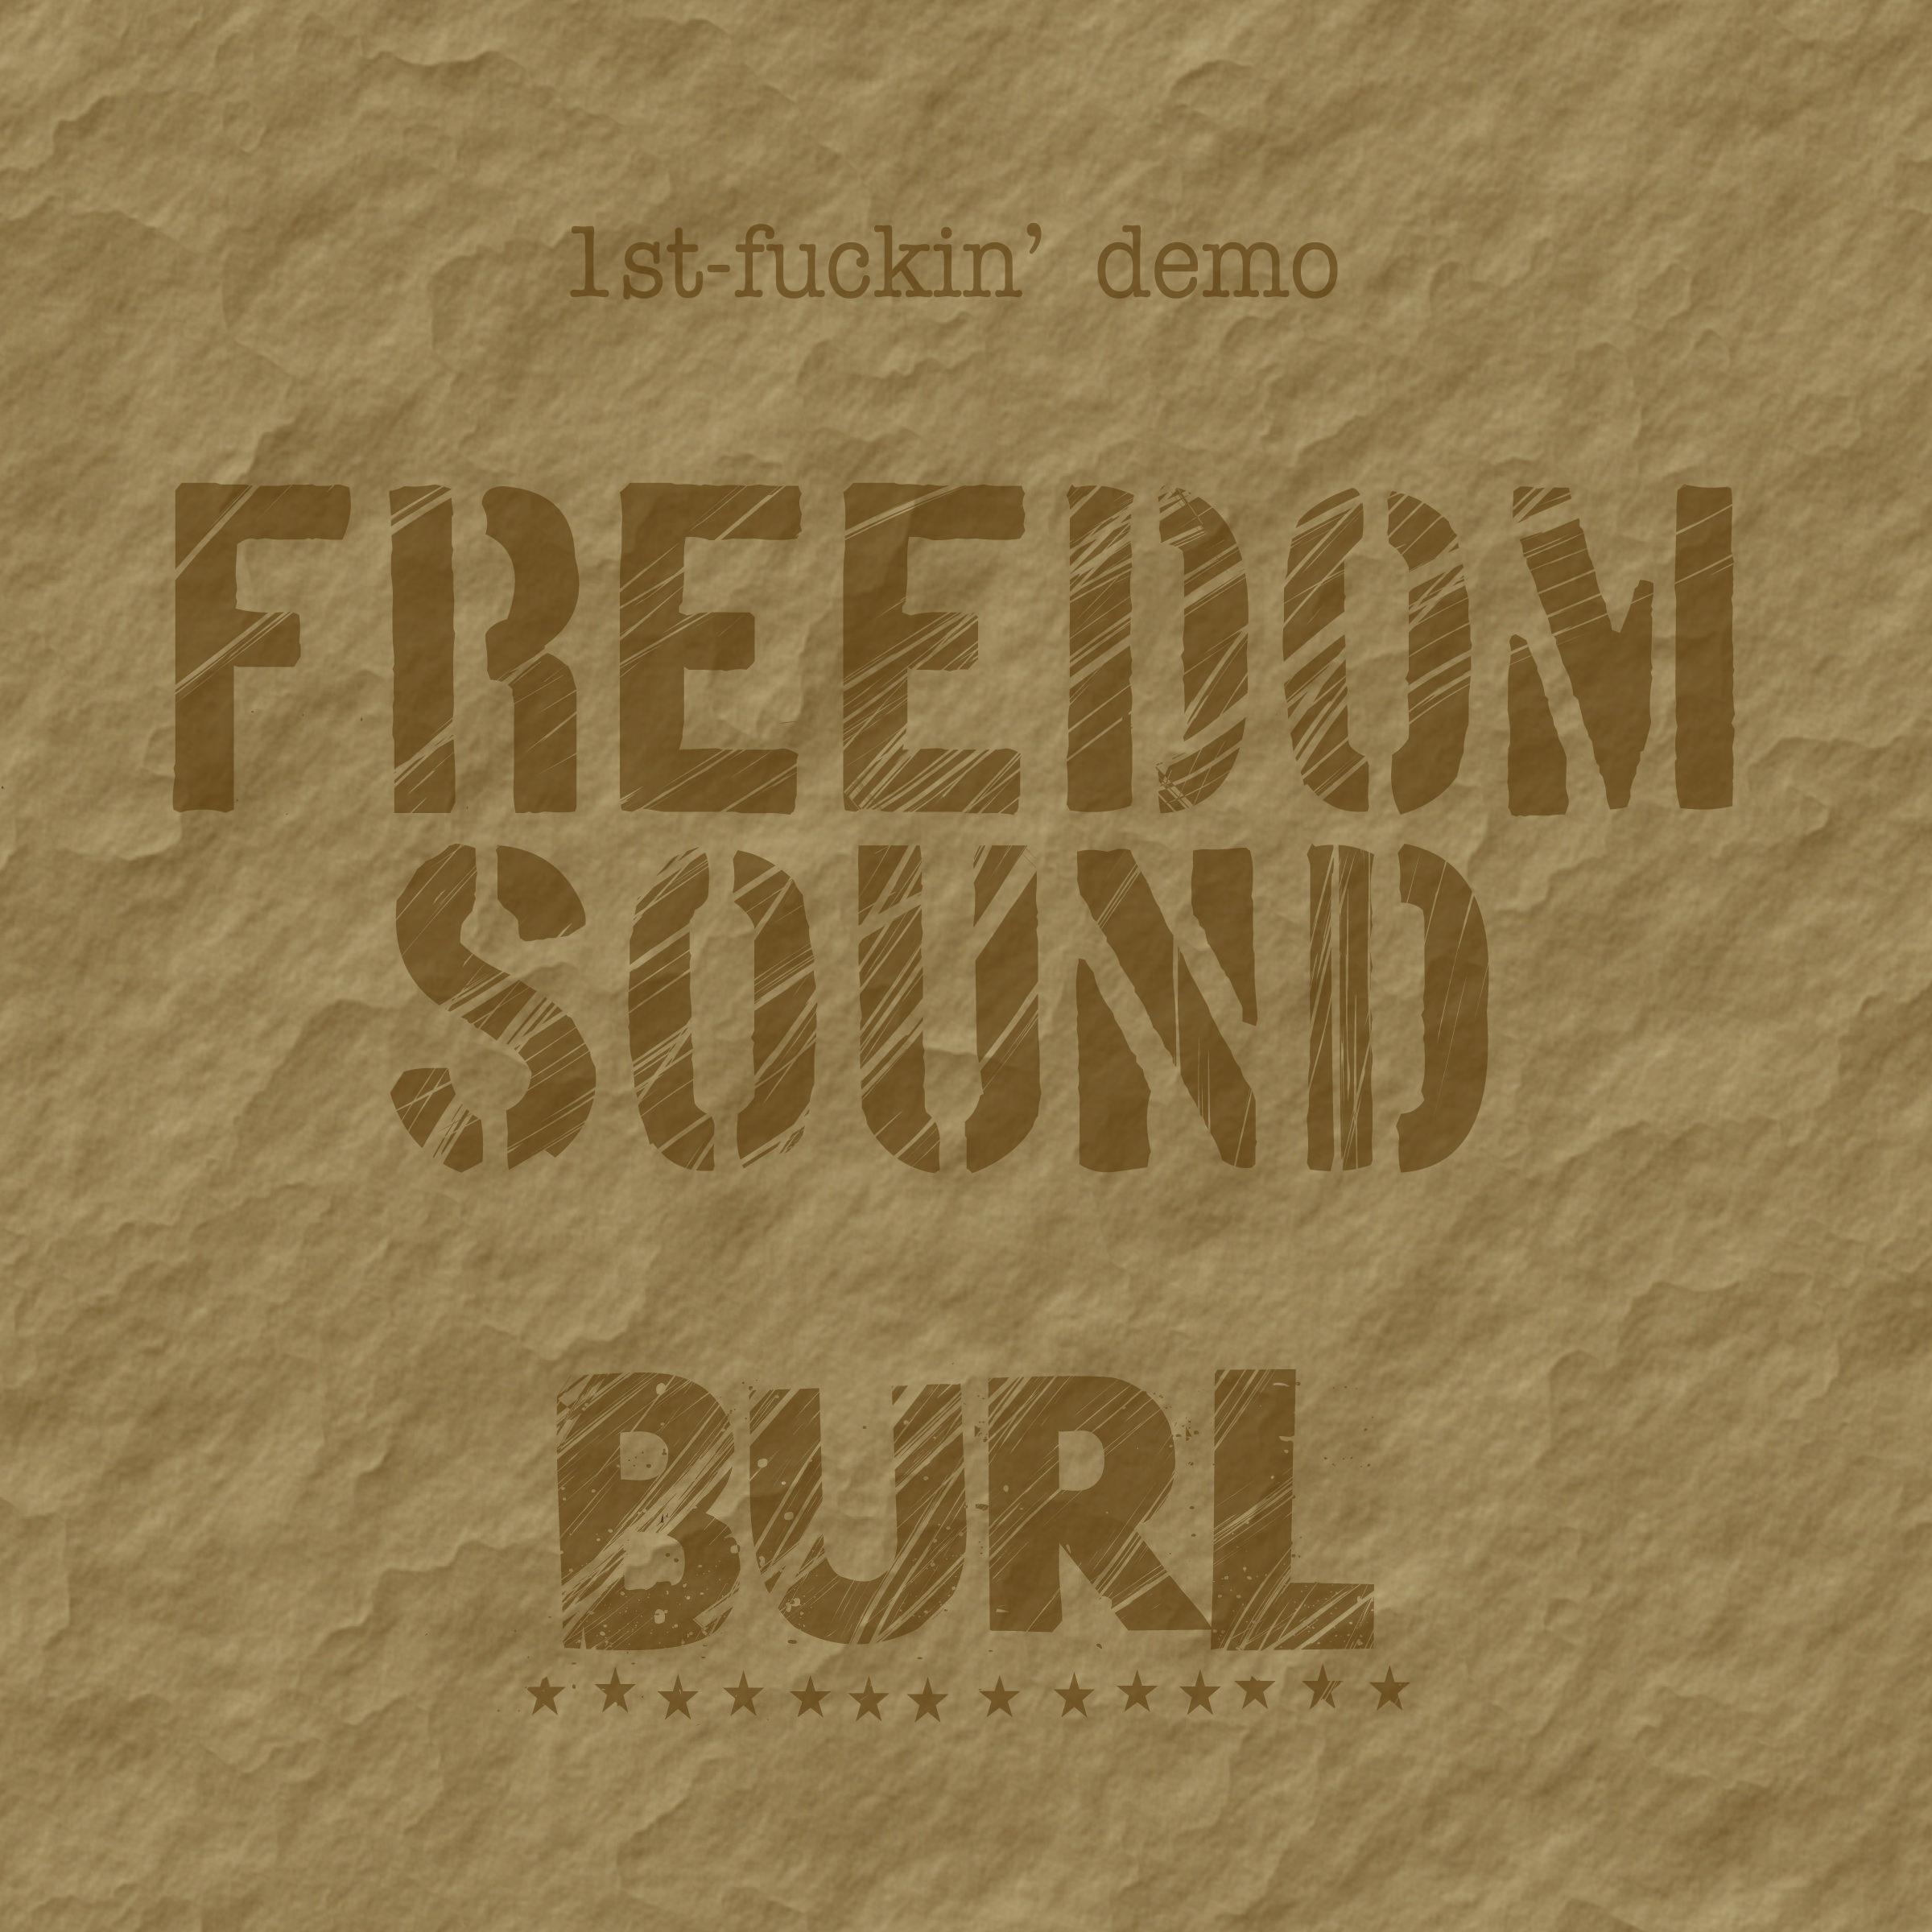 デモ音源「FREEDOM SOUND」リリース!そして「GARAGELAND VOL.3」開催決定!